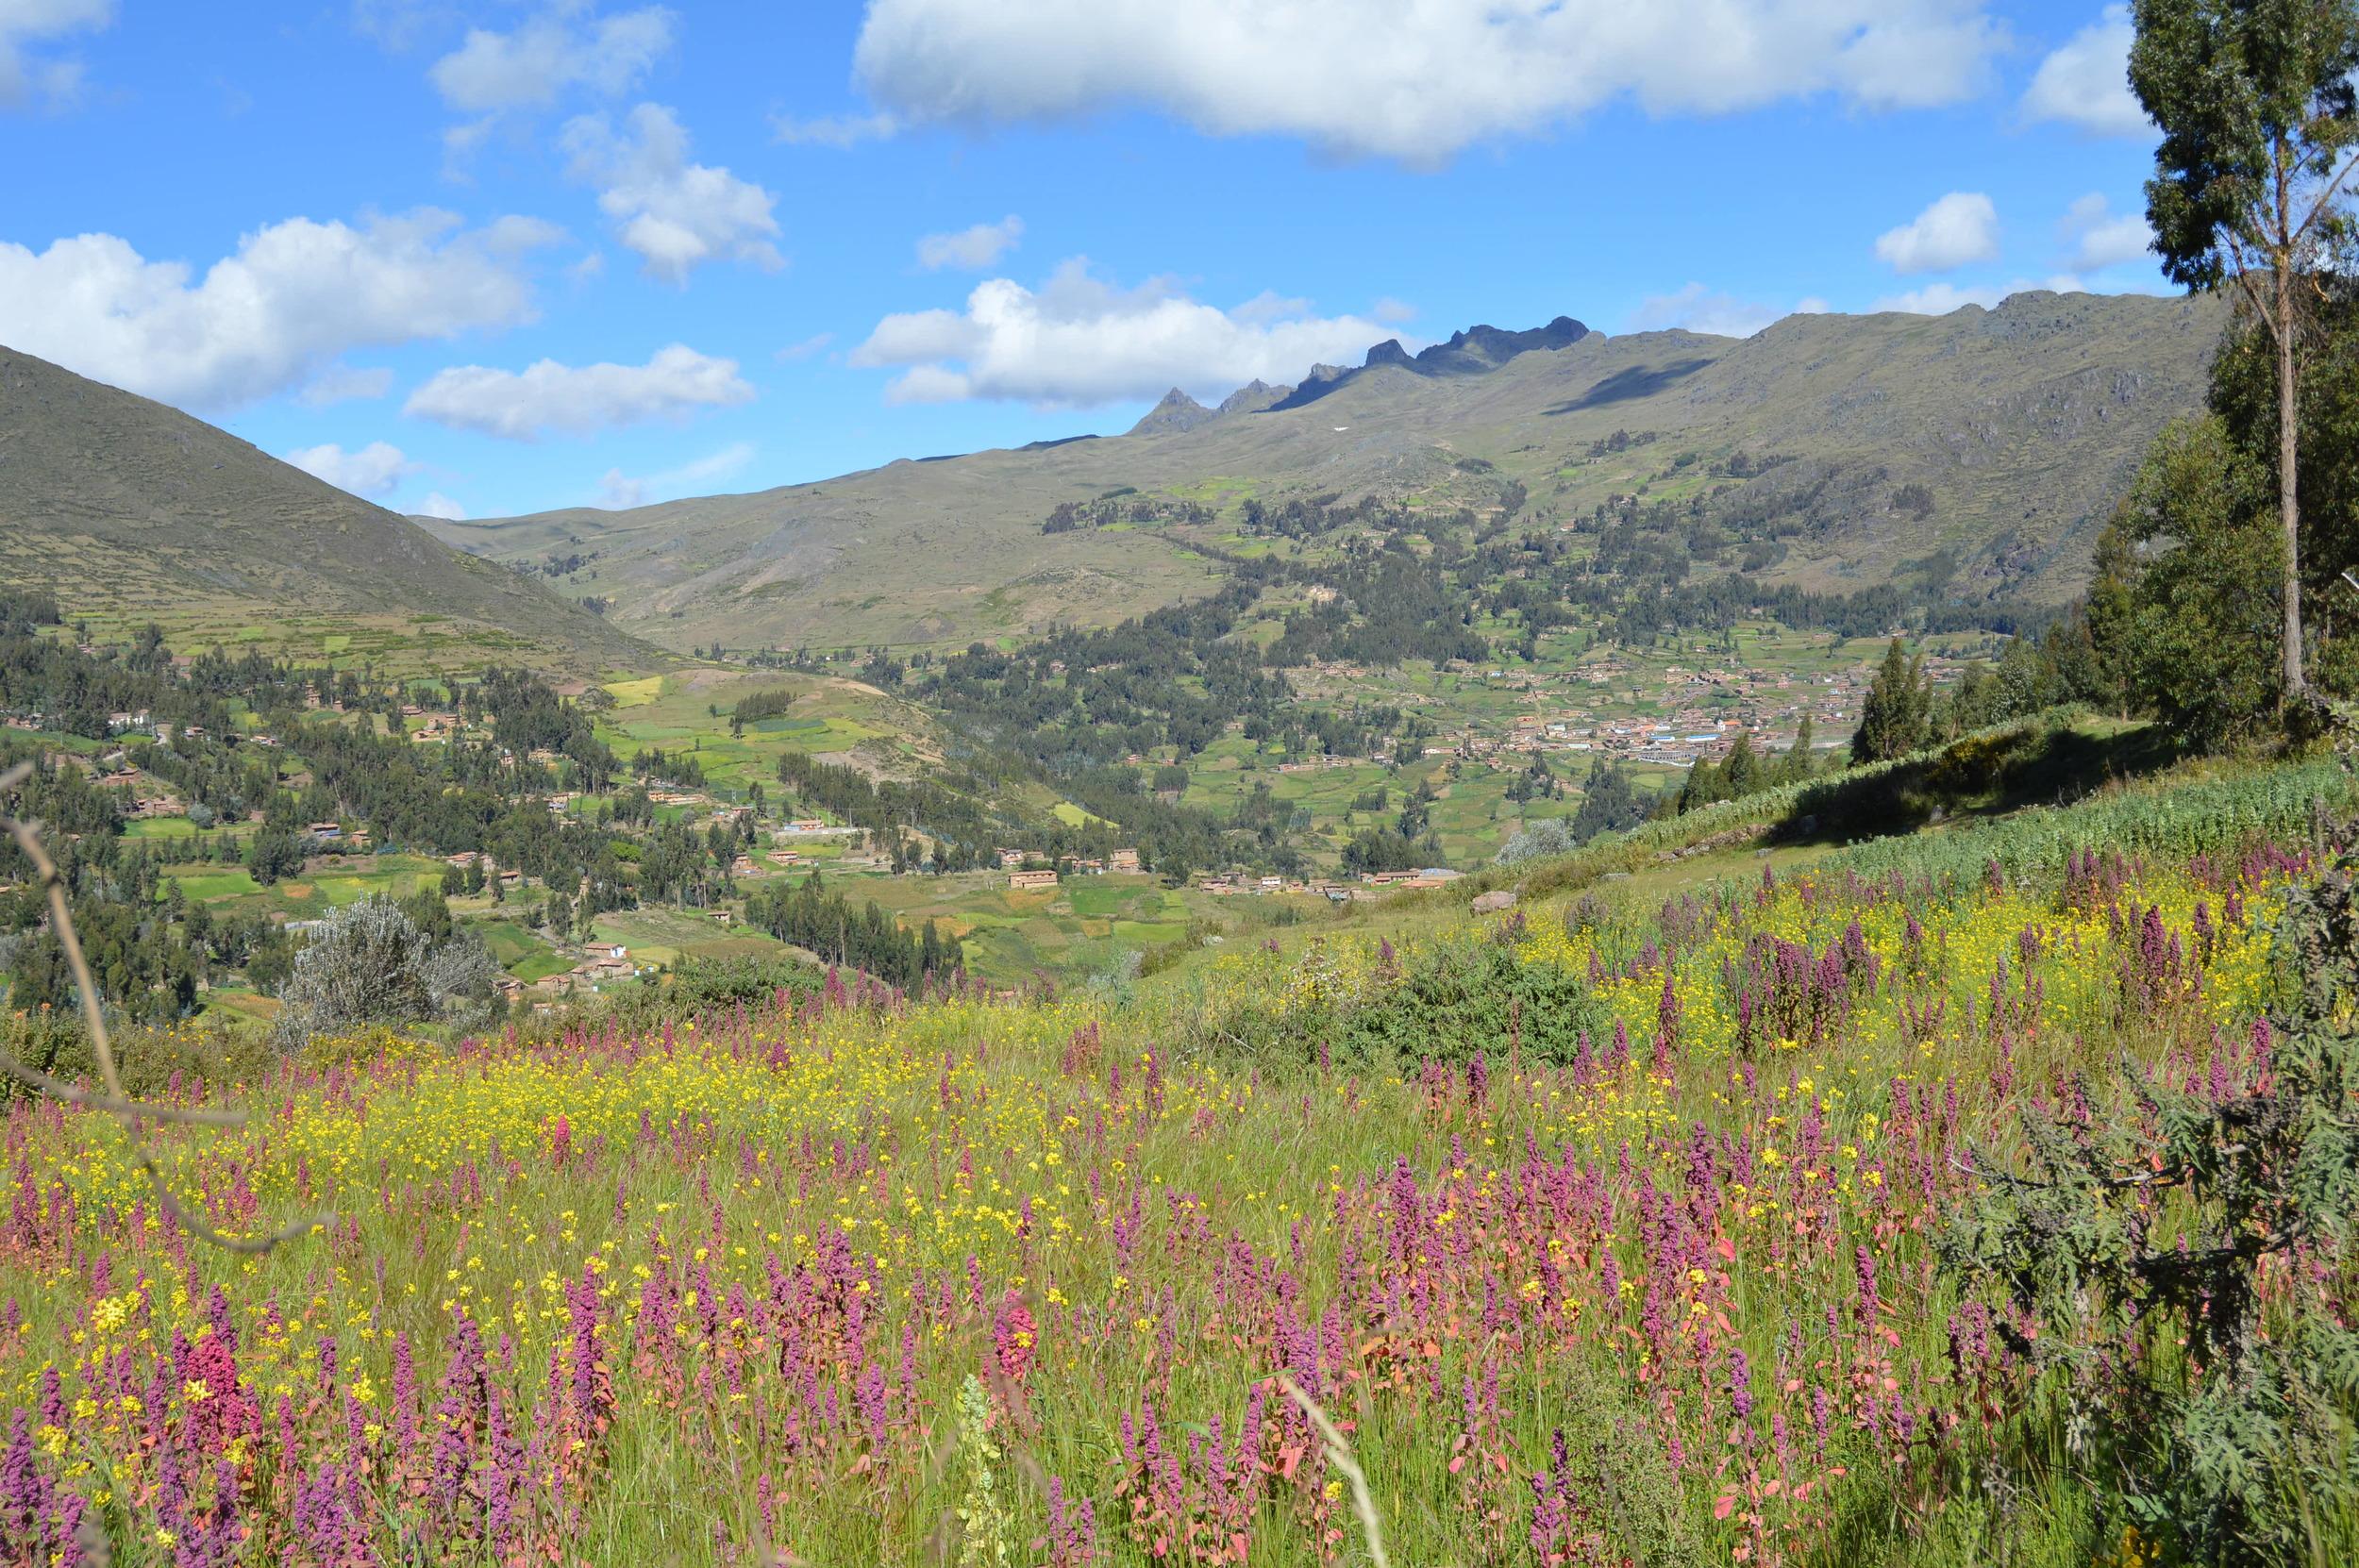 Quinoa fields of Paru Paru near Cusco, Peru